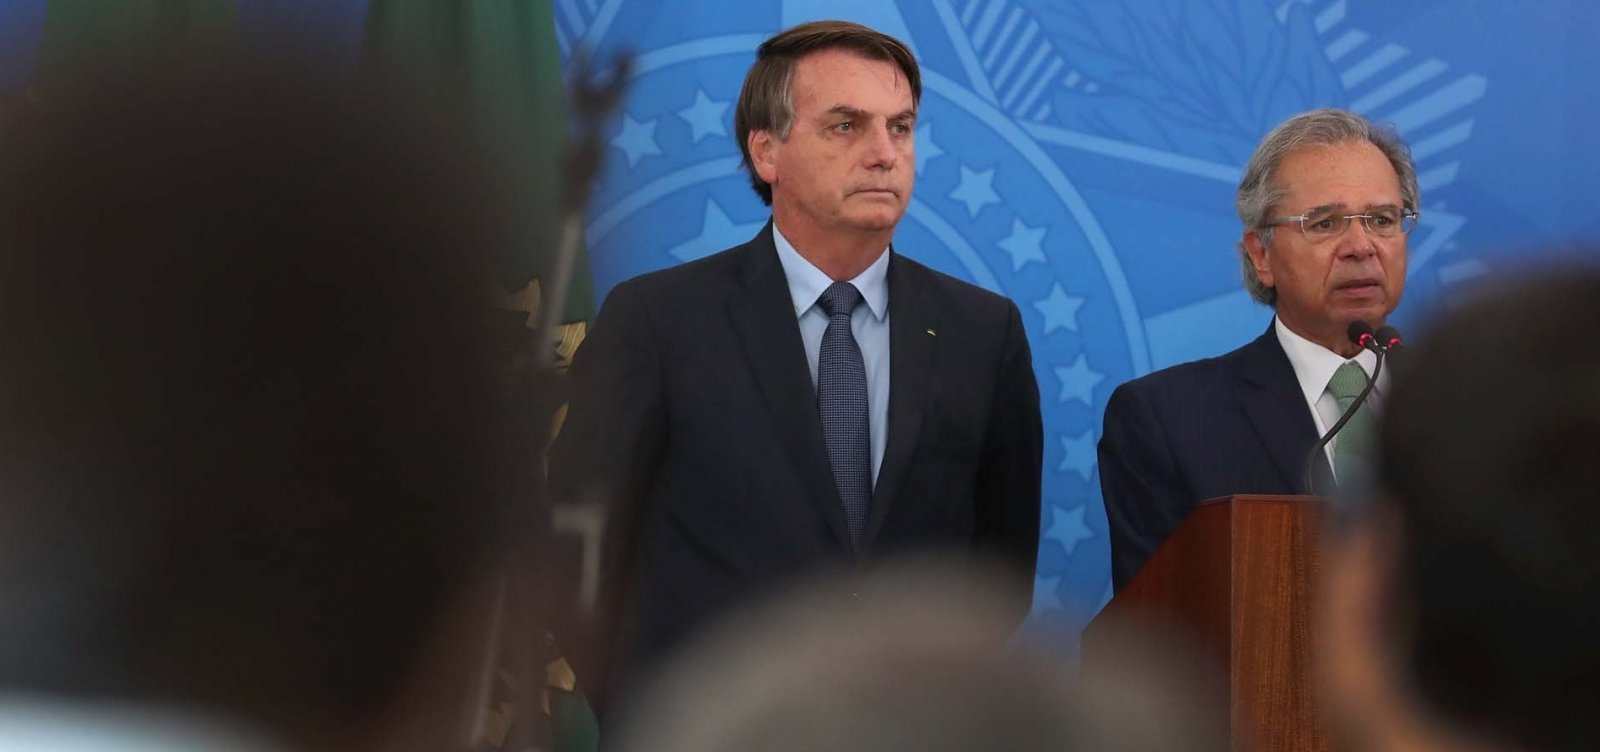 [Governo pretende voltar com agenda de reformas administrativas e tributárias em fevereiro]